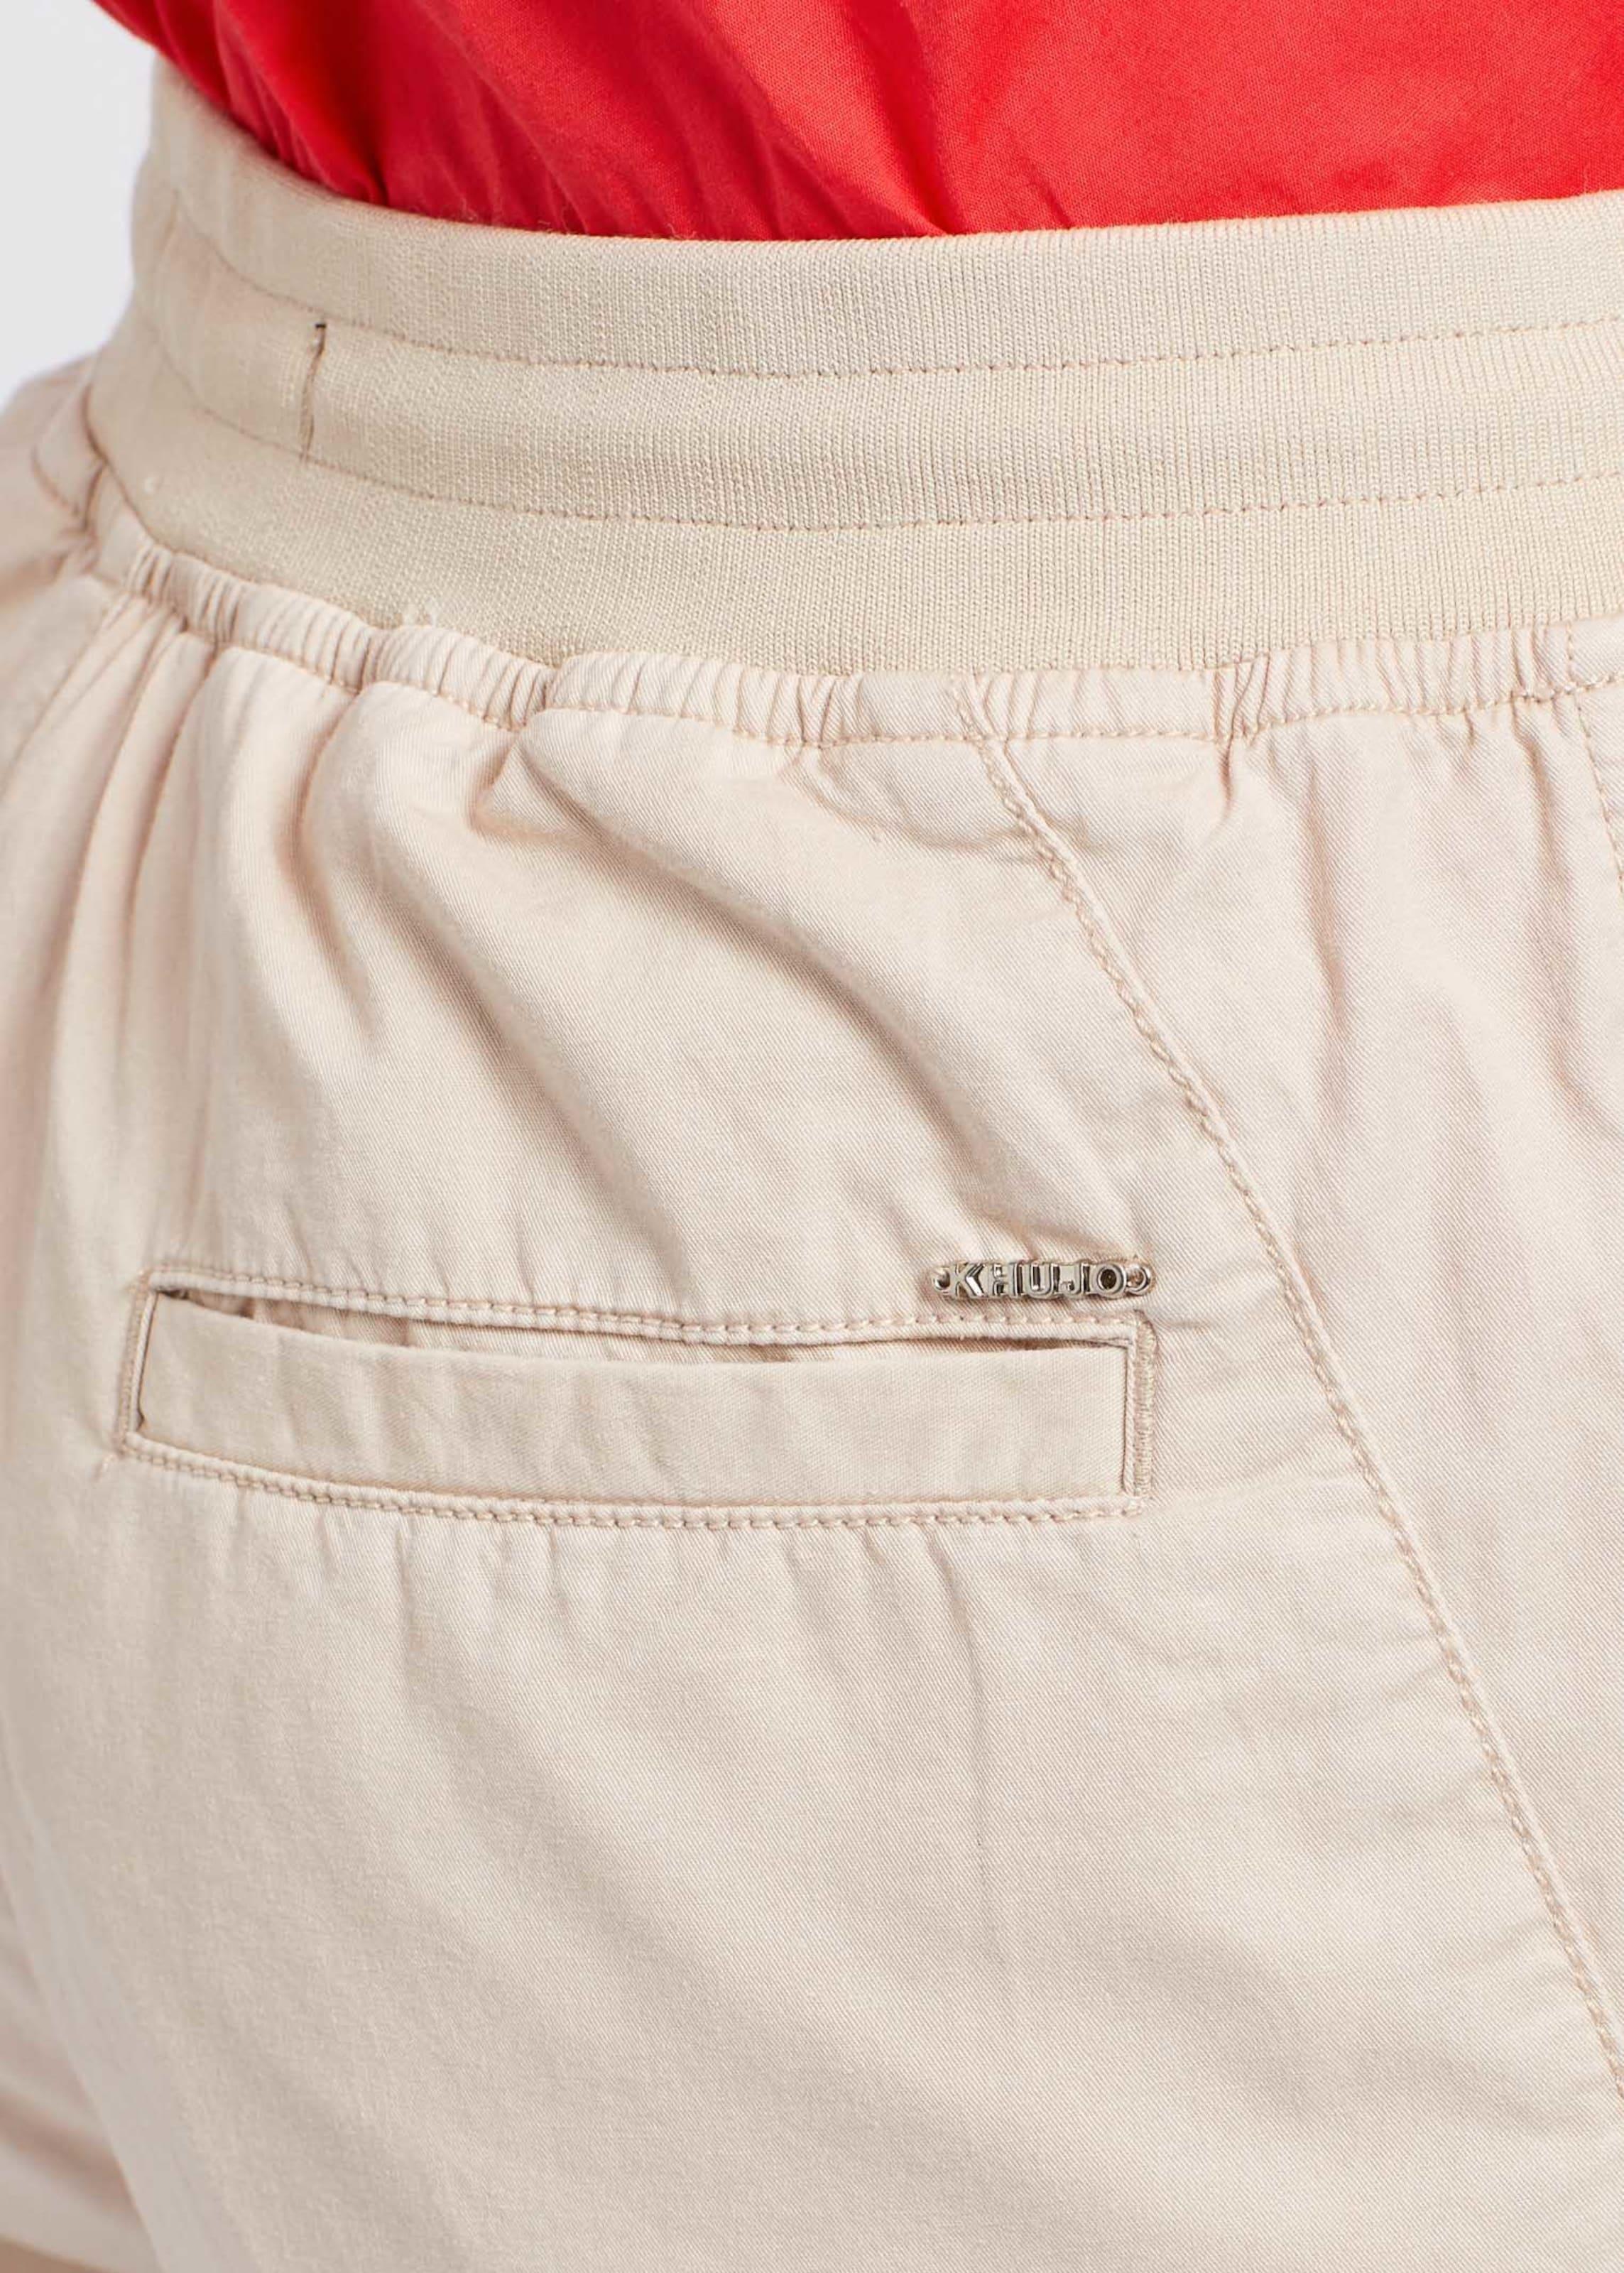 Pantalon Pantalon Khujo En 'nathalia' 'nathalia' En Pantalon Khujo Khujo Crème Crème 'nathalia' F1cTKJl